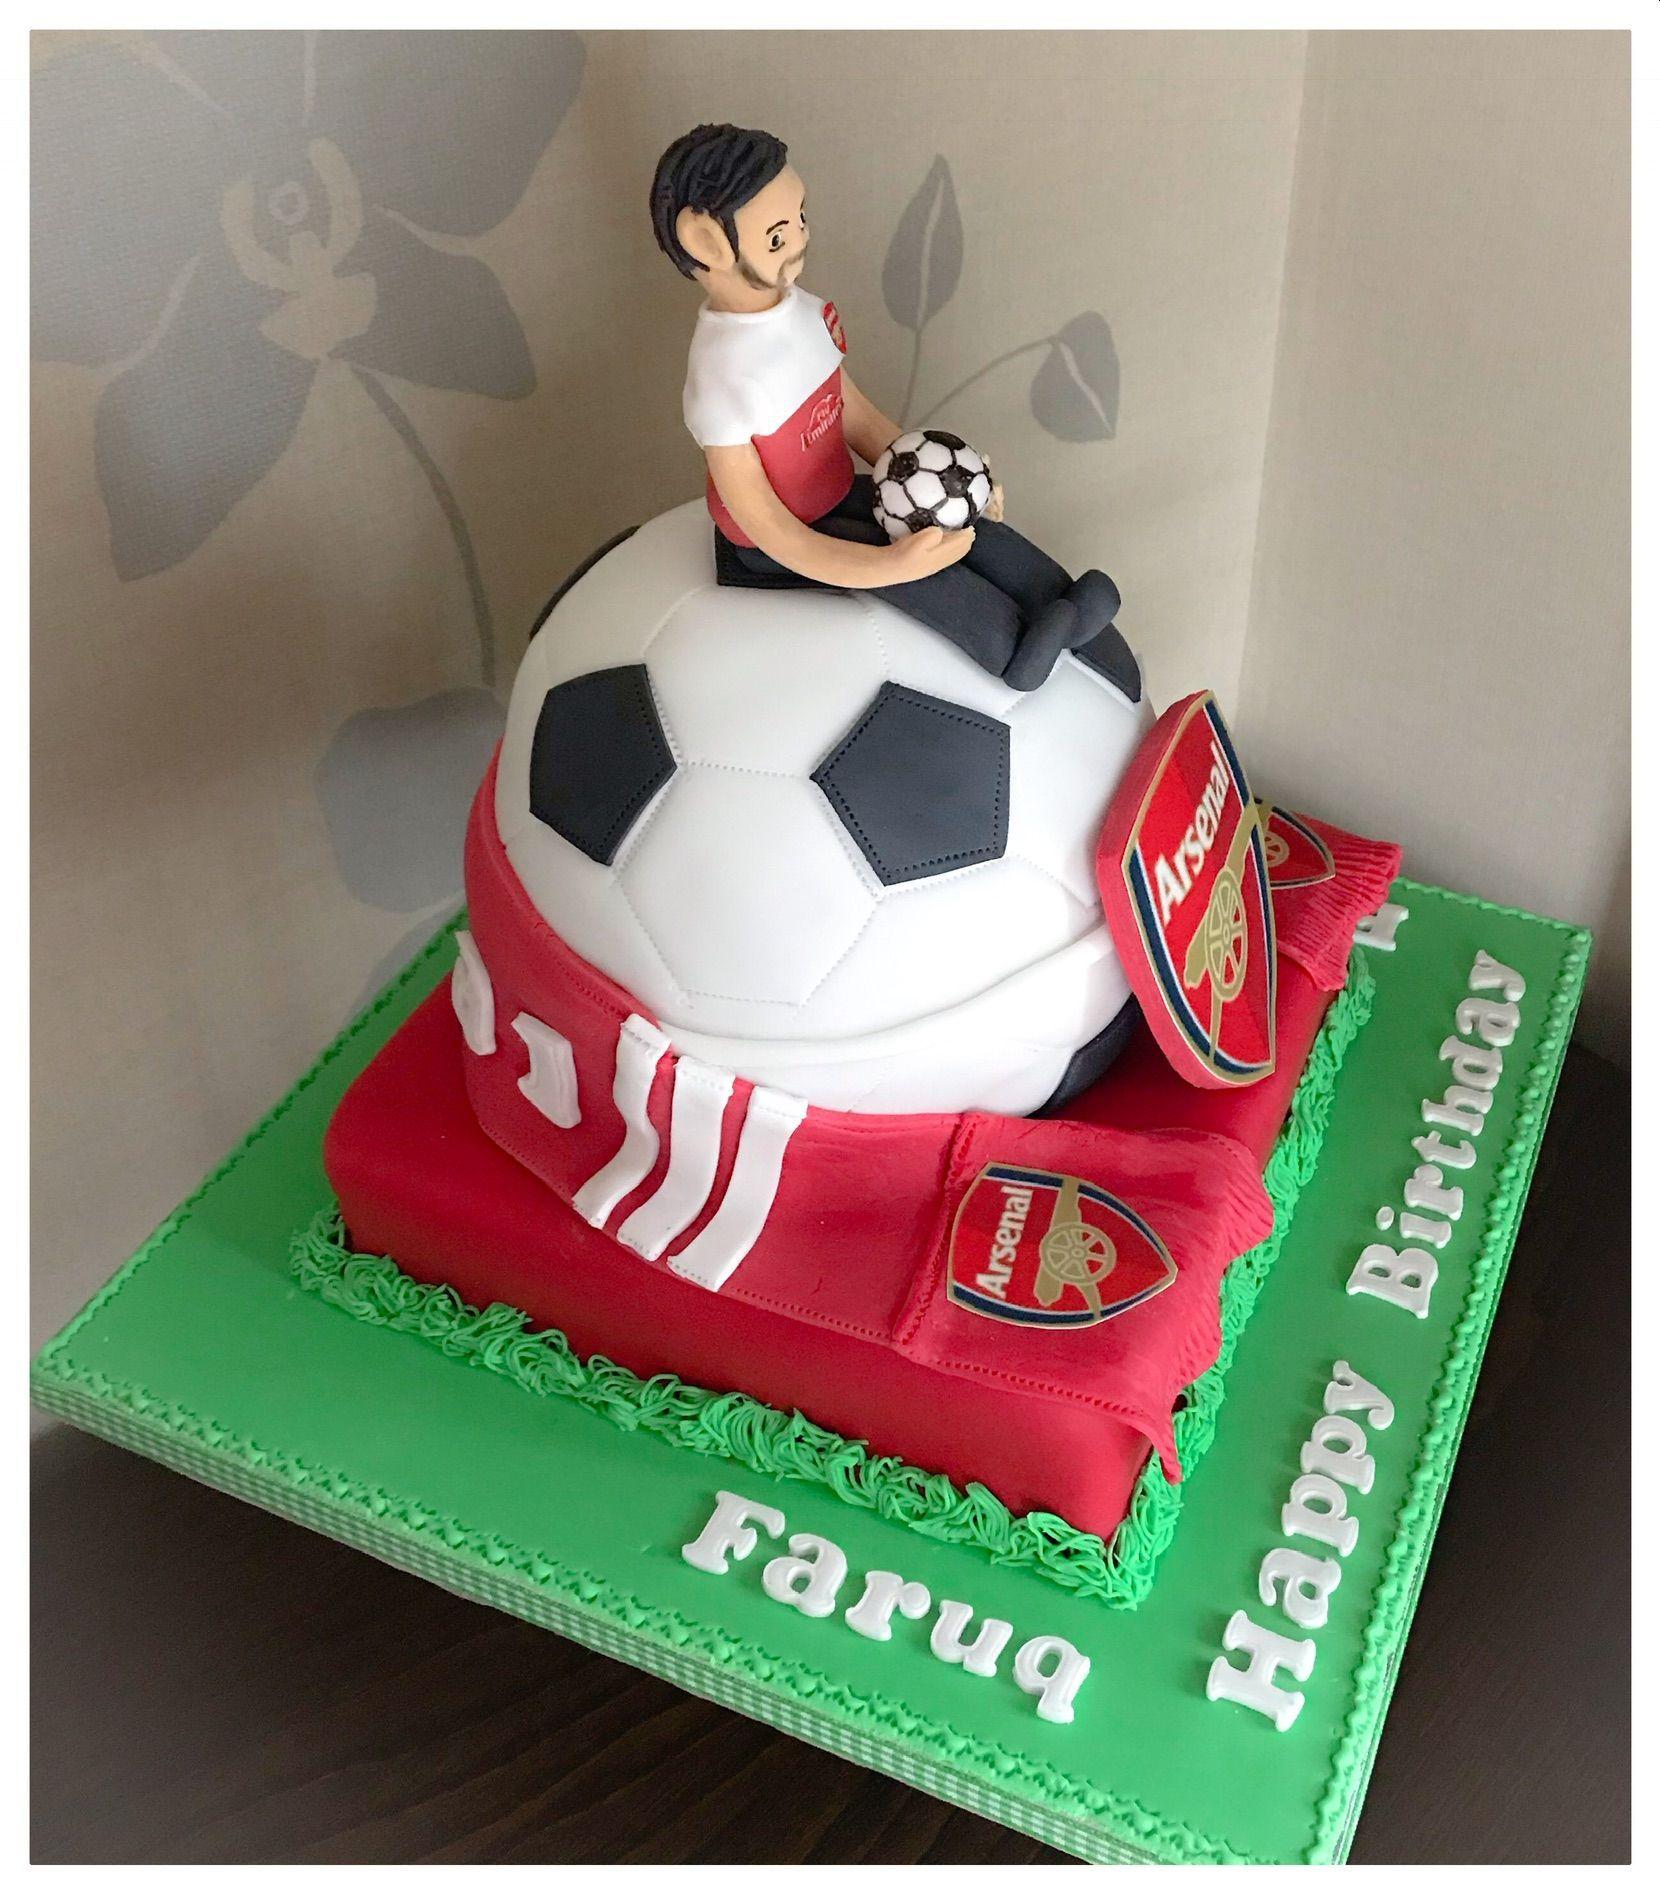 arsenal cake 1